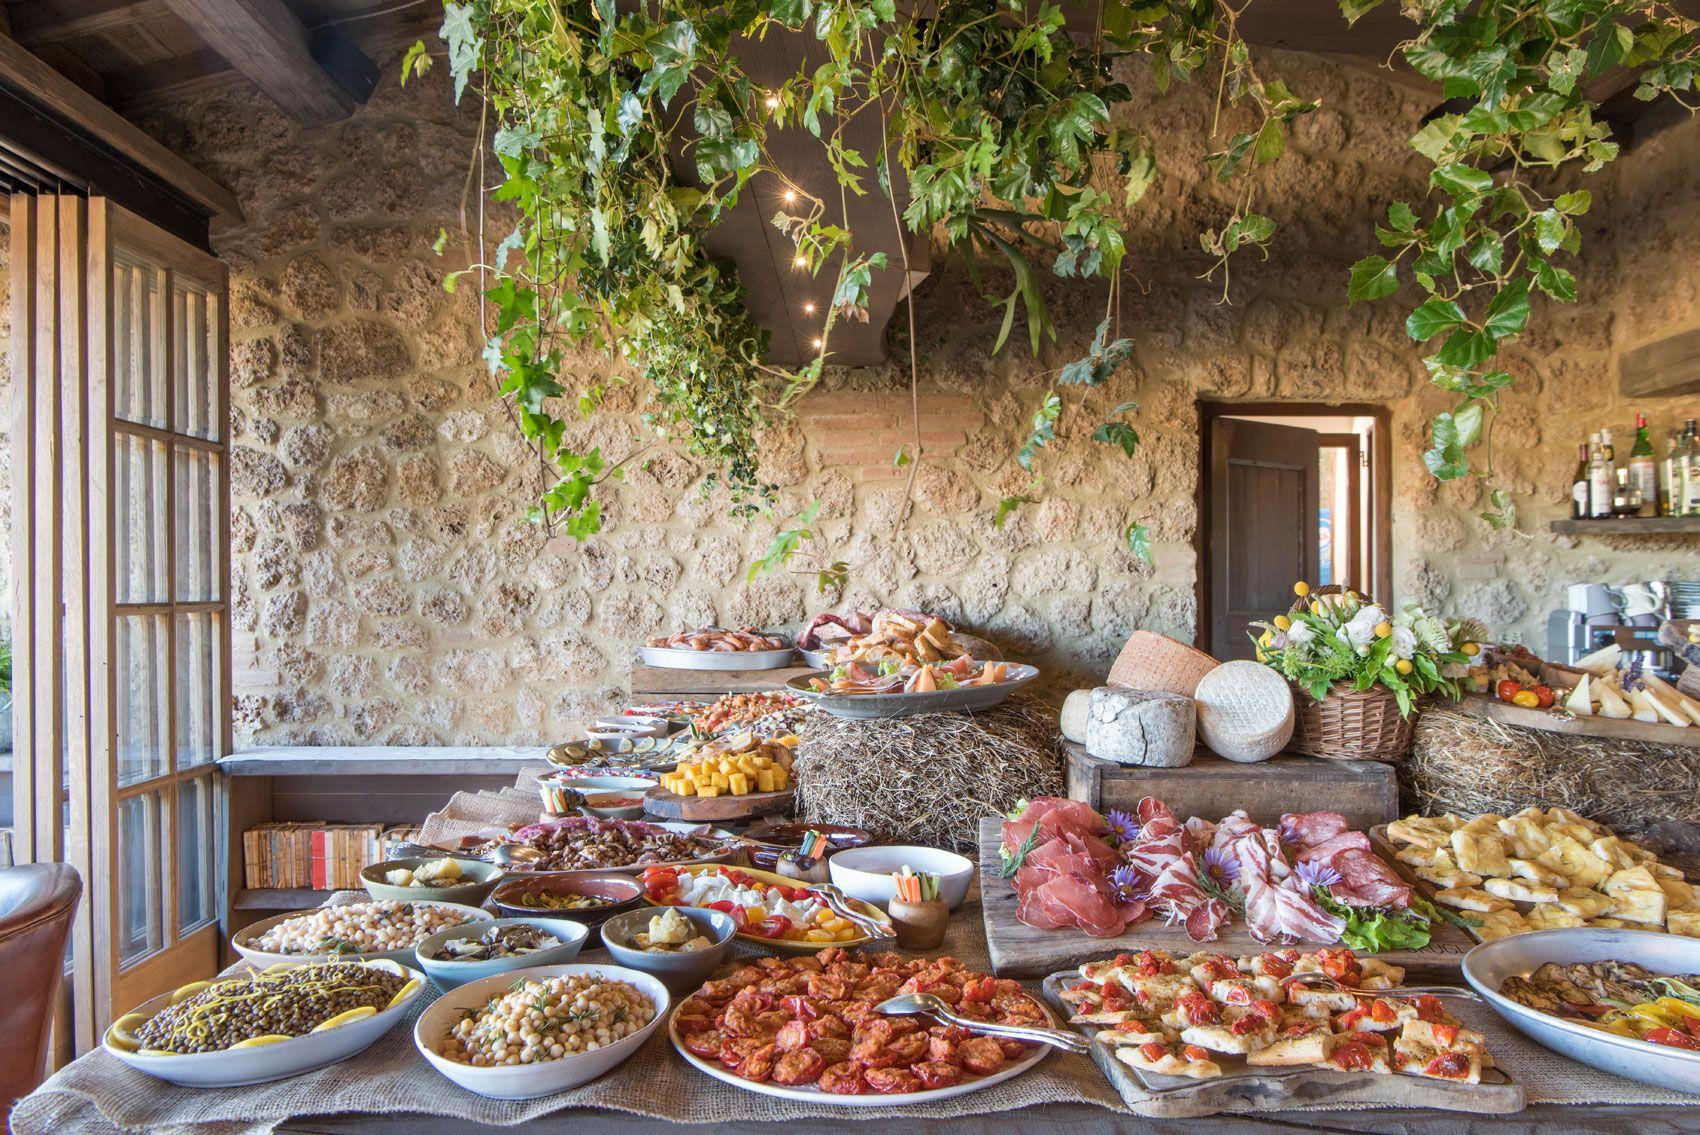 Matrimonio En Toscana : Esperienze culinarie speciali ristorante romantico